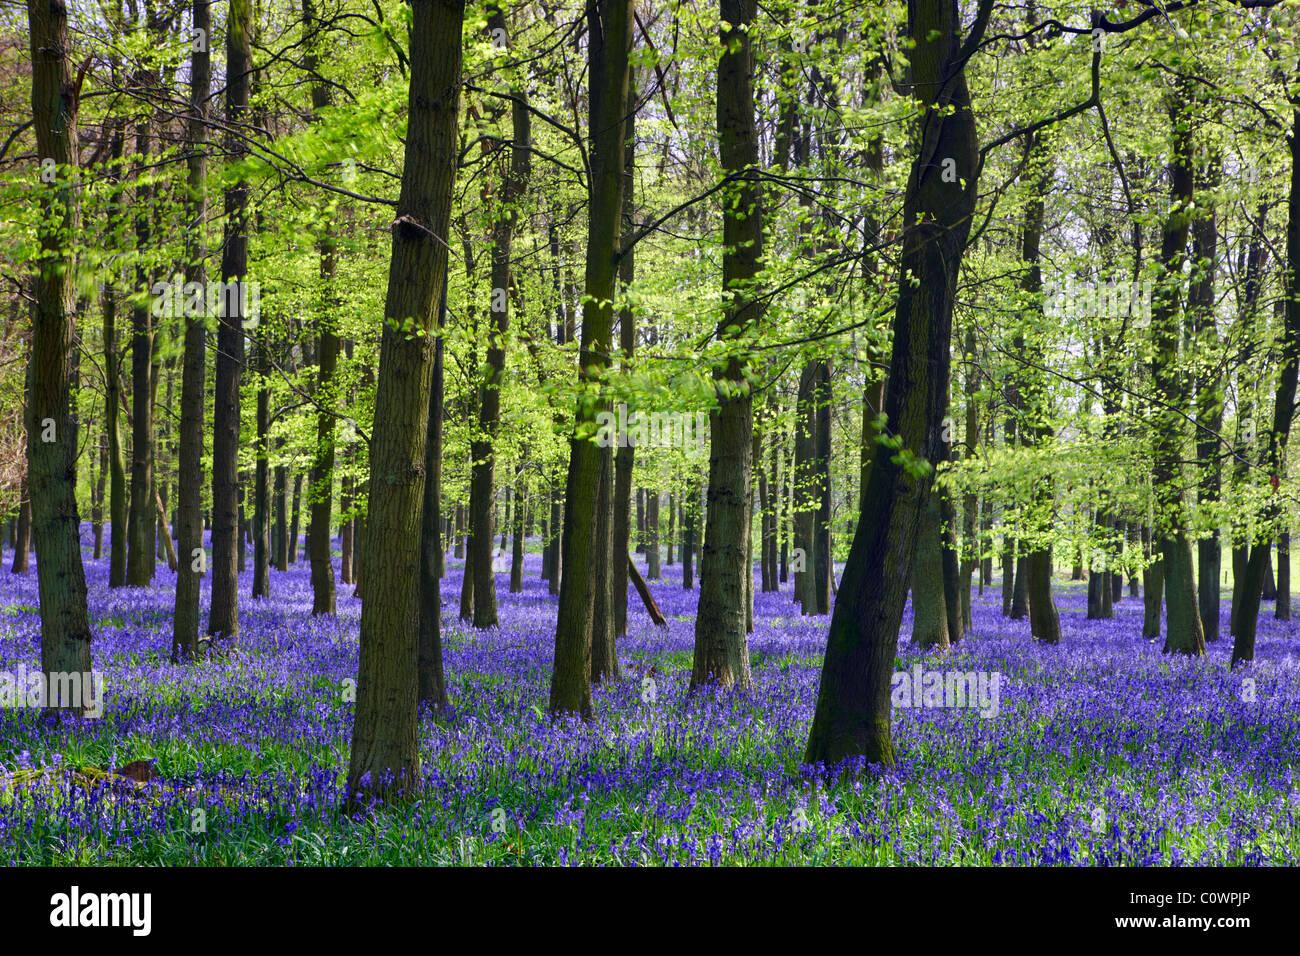 Englische Bluebell Holz Stockbild